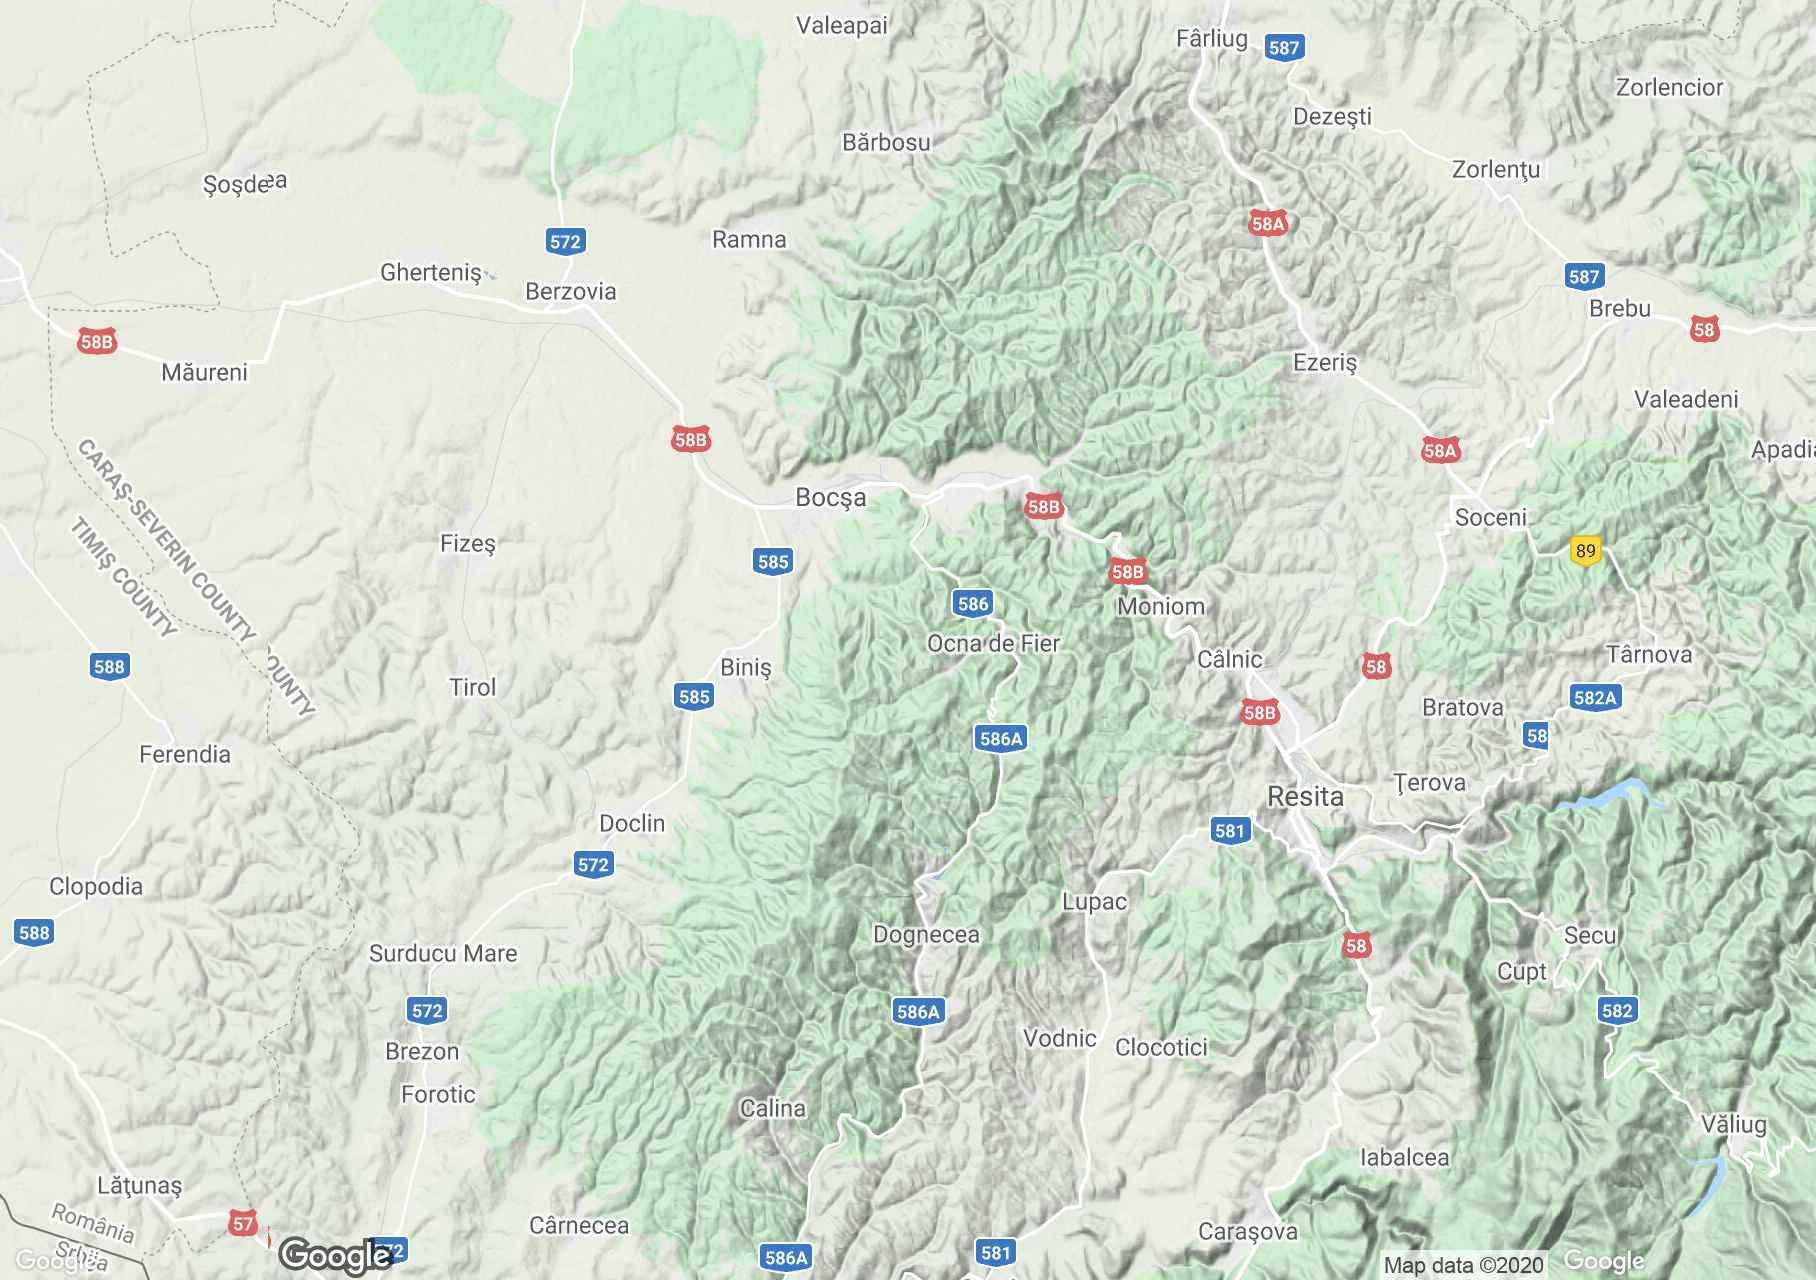 Banat: Munţii Dognecea, Harta turistică interactivă